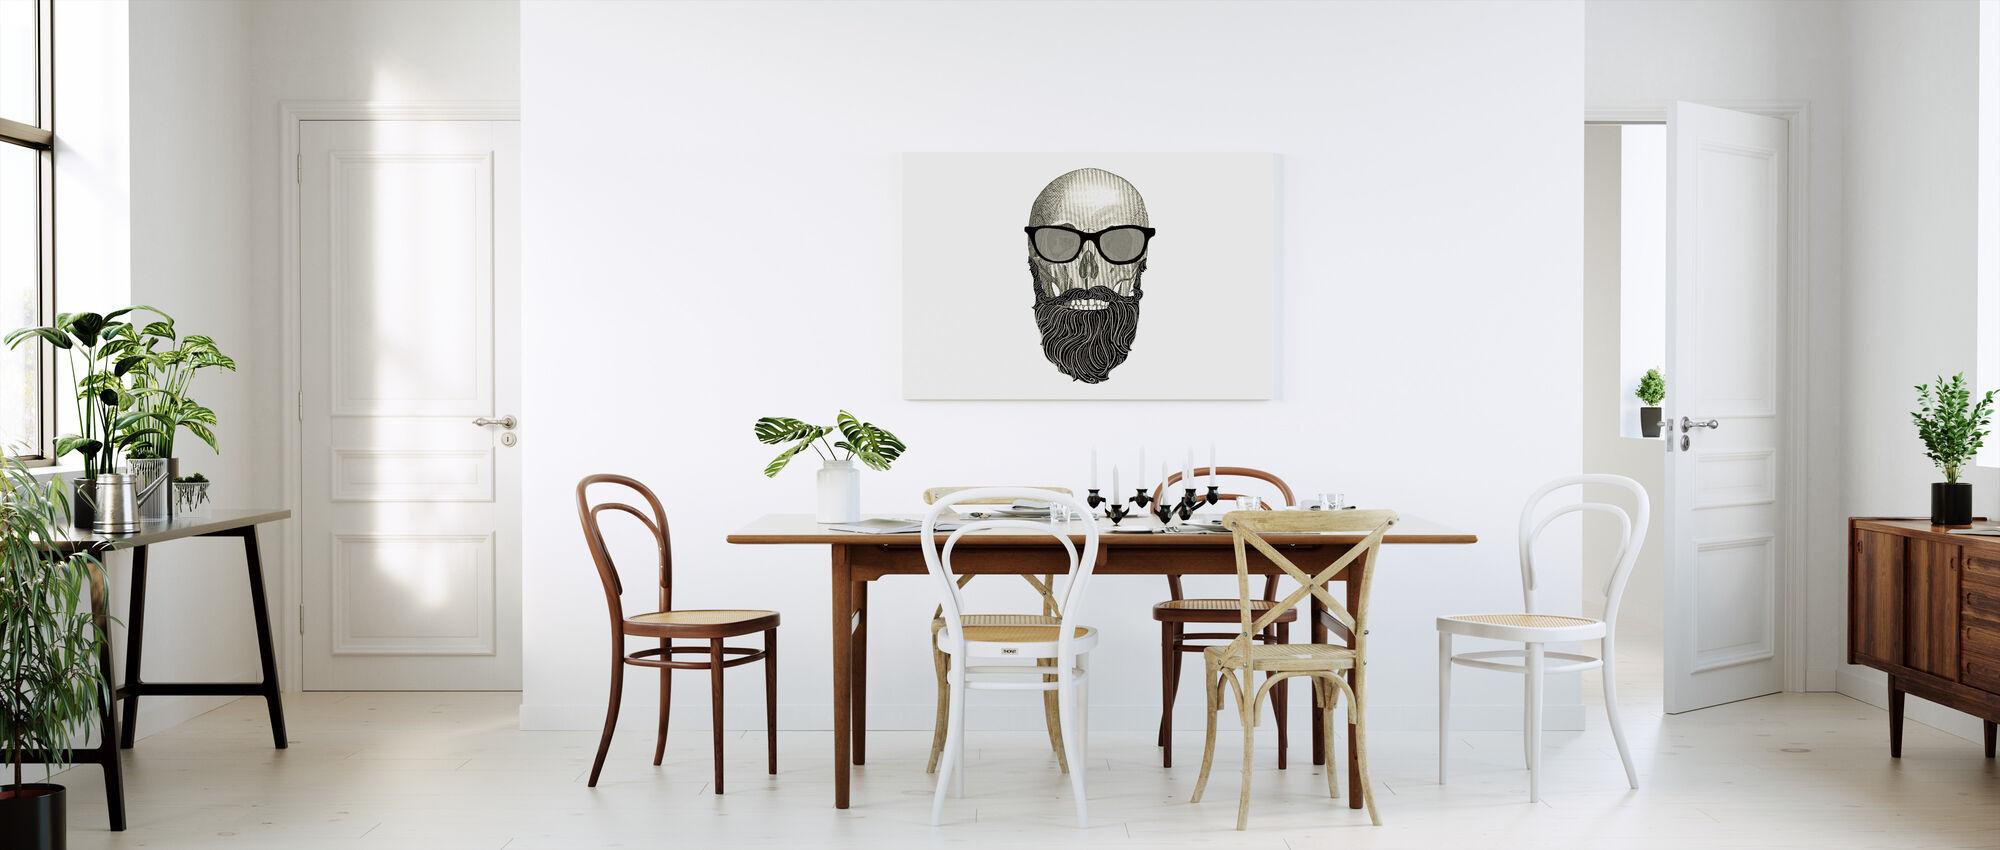 Hipster Skull I - Canvas print - Kitchen